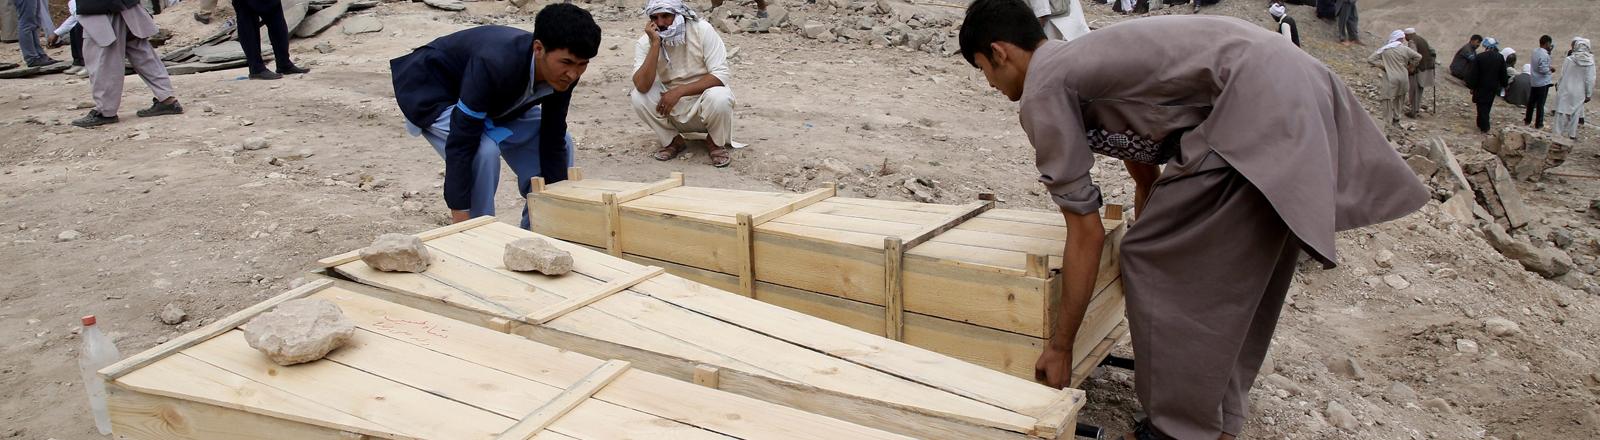 Begräbnis nach einem Selbstmordanschlag in Kabul